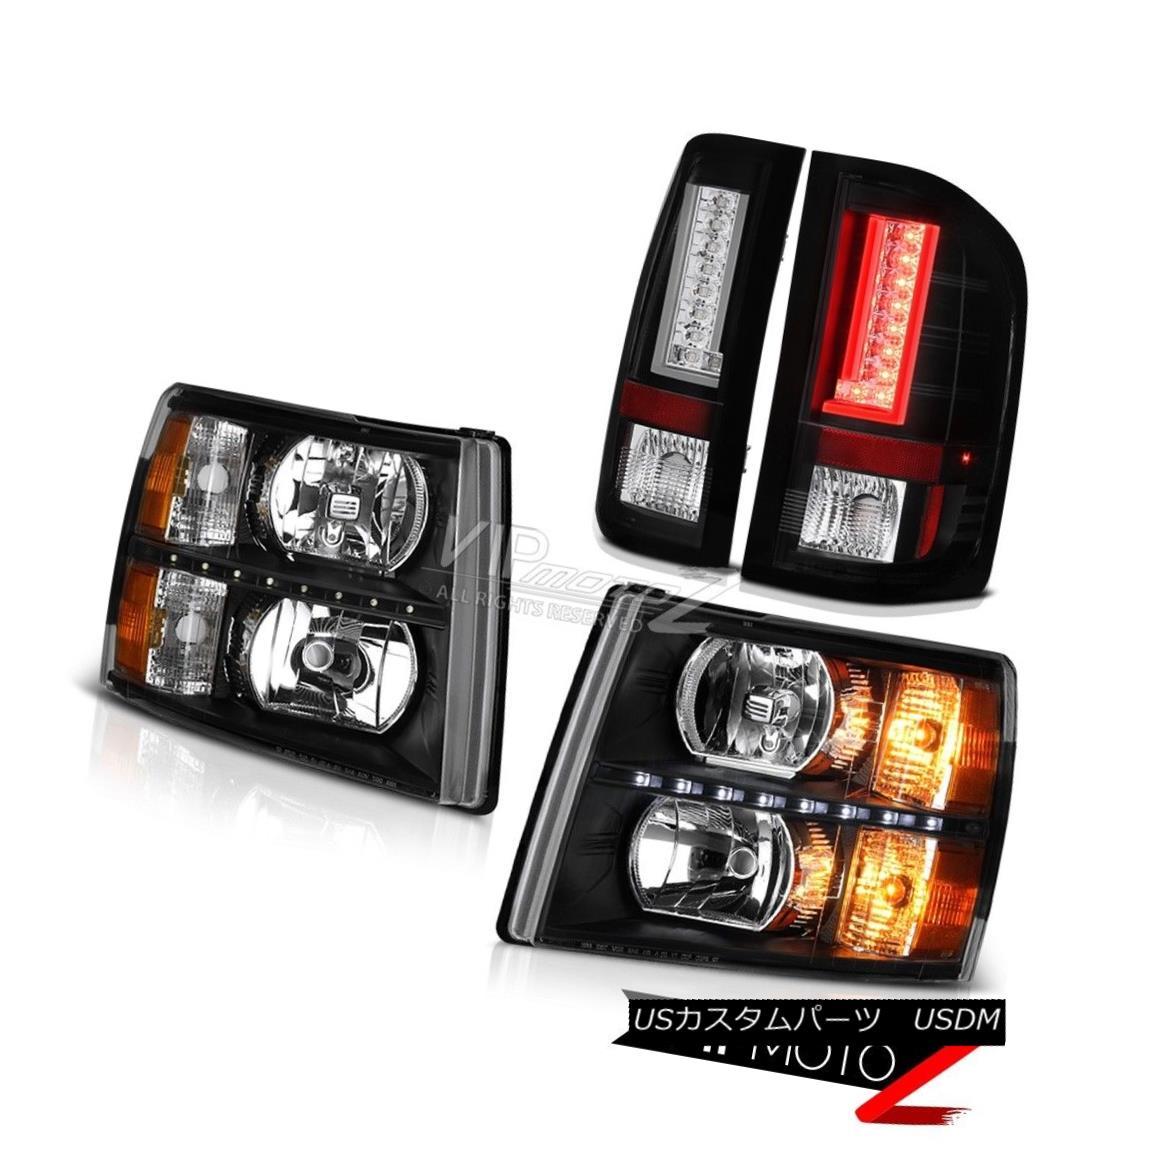 ヘッドライト 07 08 09 10 11 12 13 Silverado 1500 Nighthawk Black Headlamps LED DRL OE Style 07 08 09 10 11 12 13シルバラード1500ナイトホークブラックヘッドランプLED DRL OEスタイル画像